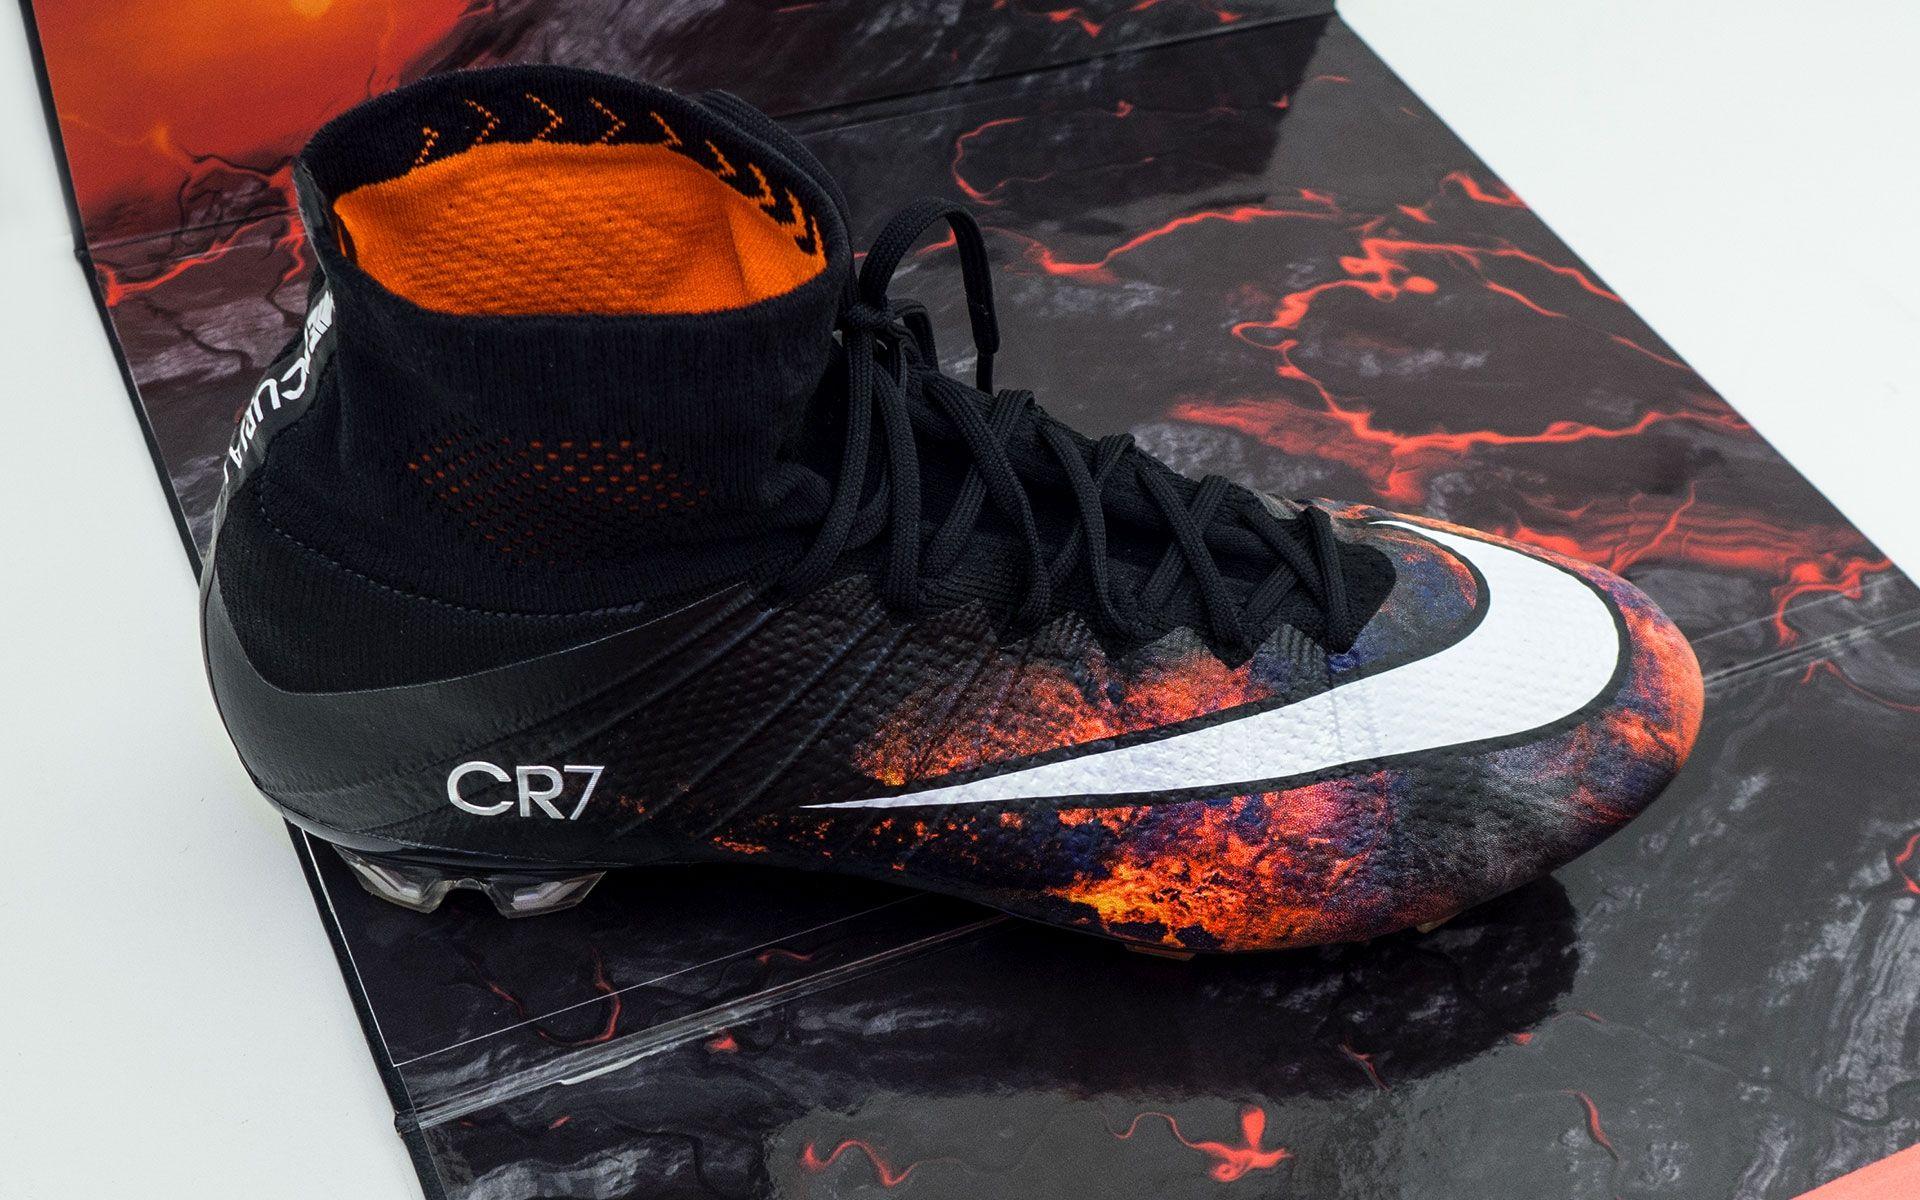 CR7 Premium Pack